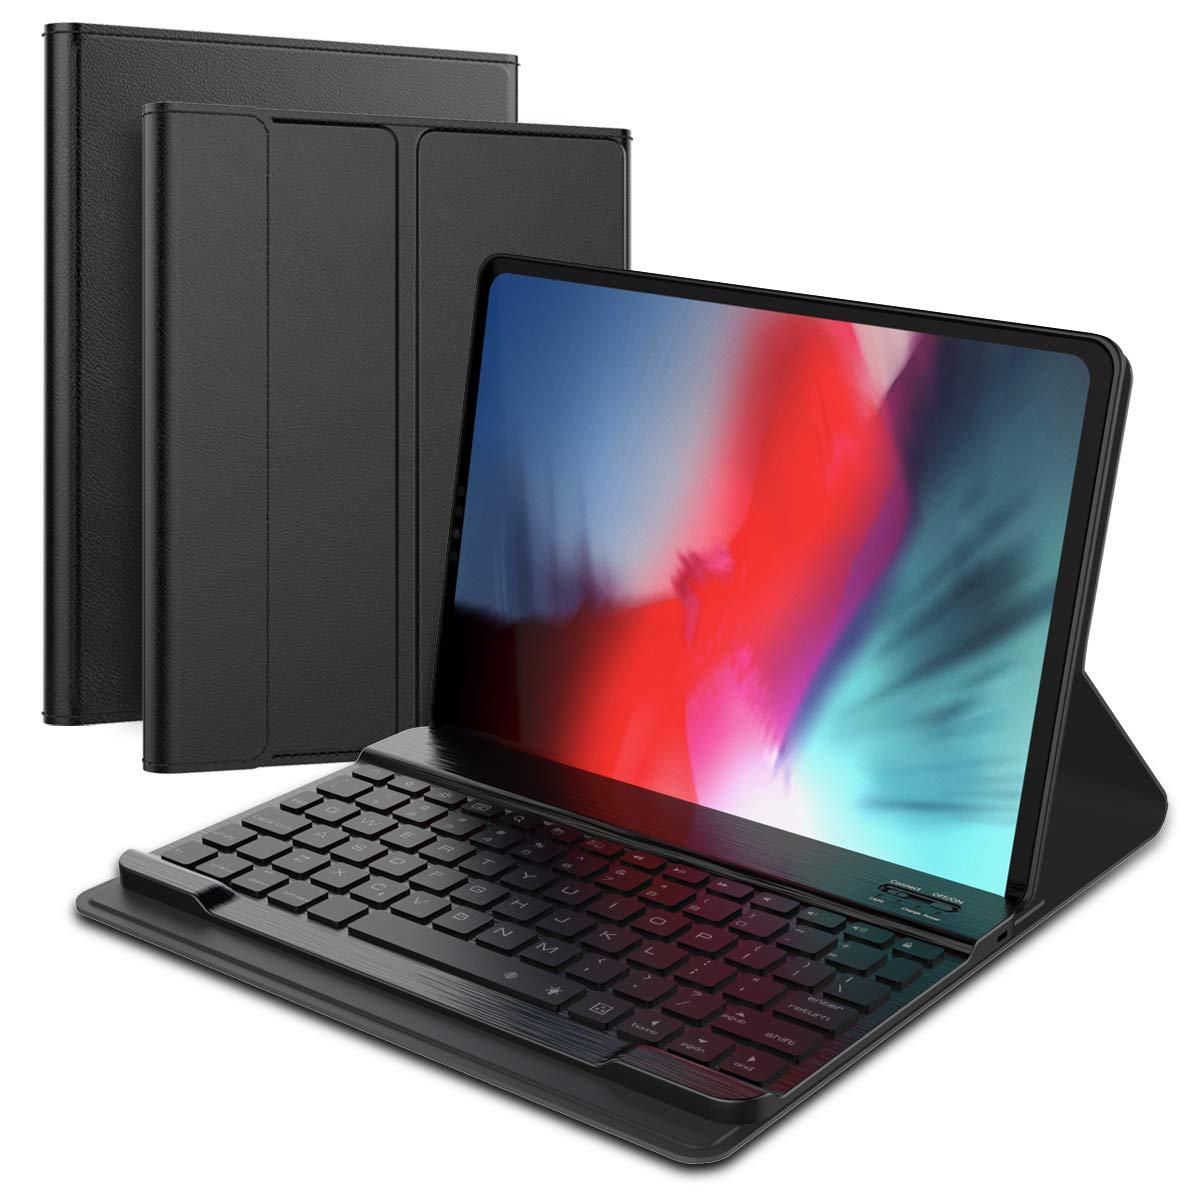 激安通販の AICEDA iPad Pro iPad 11インチ 2018用ケース [エクストラカードスロット] [ウォレットケース] ブラック PUレザー [落下保護] TPUケース レザーケース [落下保護] iPad Pro 11インチ 2018用交換ケース ブラック, ブラック, Y262-3W-690 ブラック B07L1S27JT, 加納屋北岸:656b10a4 --- a0267596.xsph.ru